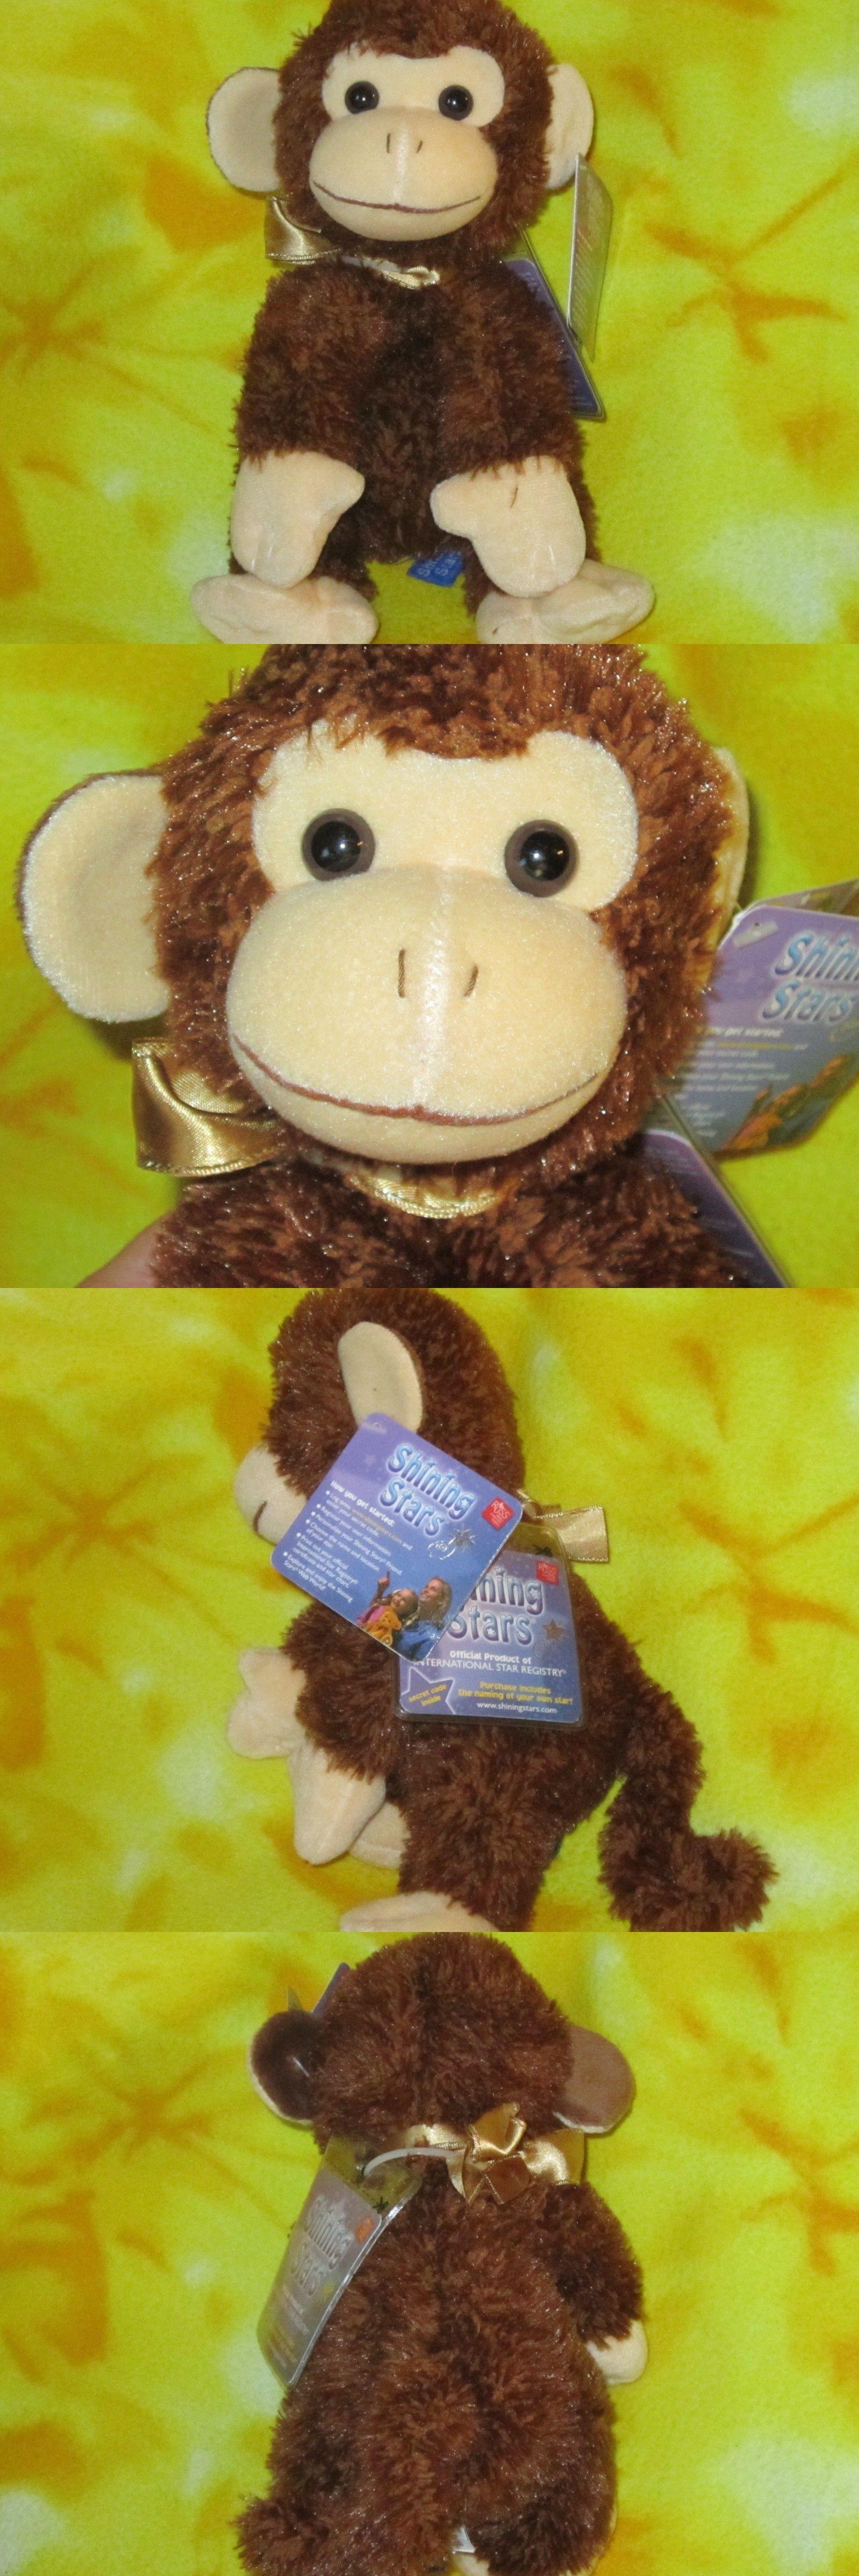 Shining Stars 153012 Russ Berrie Plush Brown Monkey Shining Stars